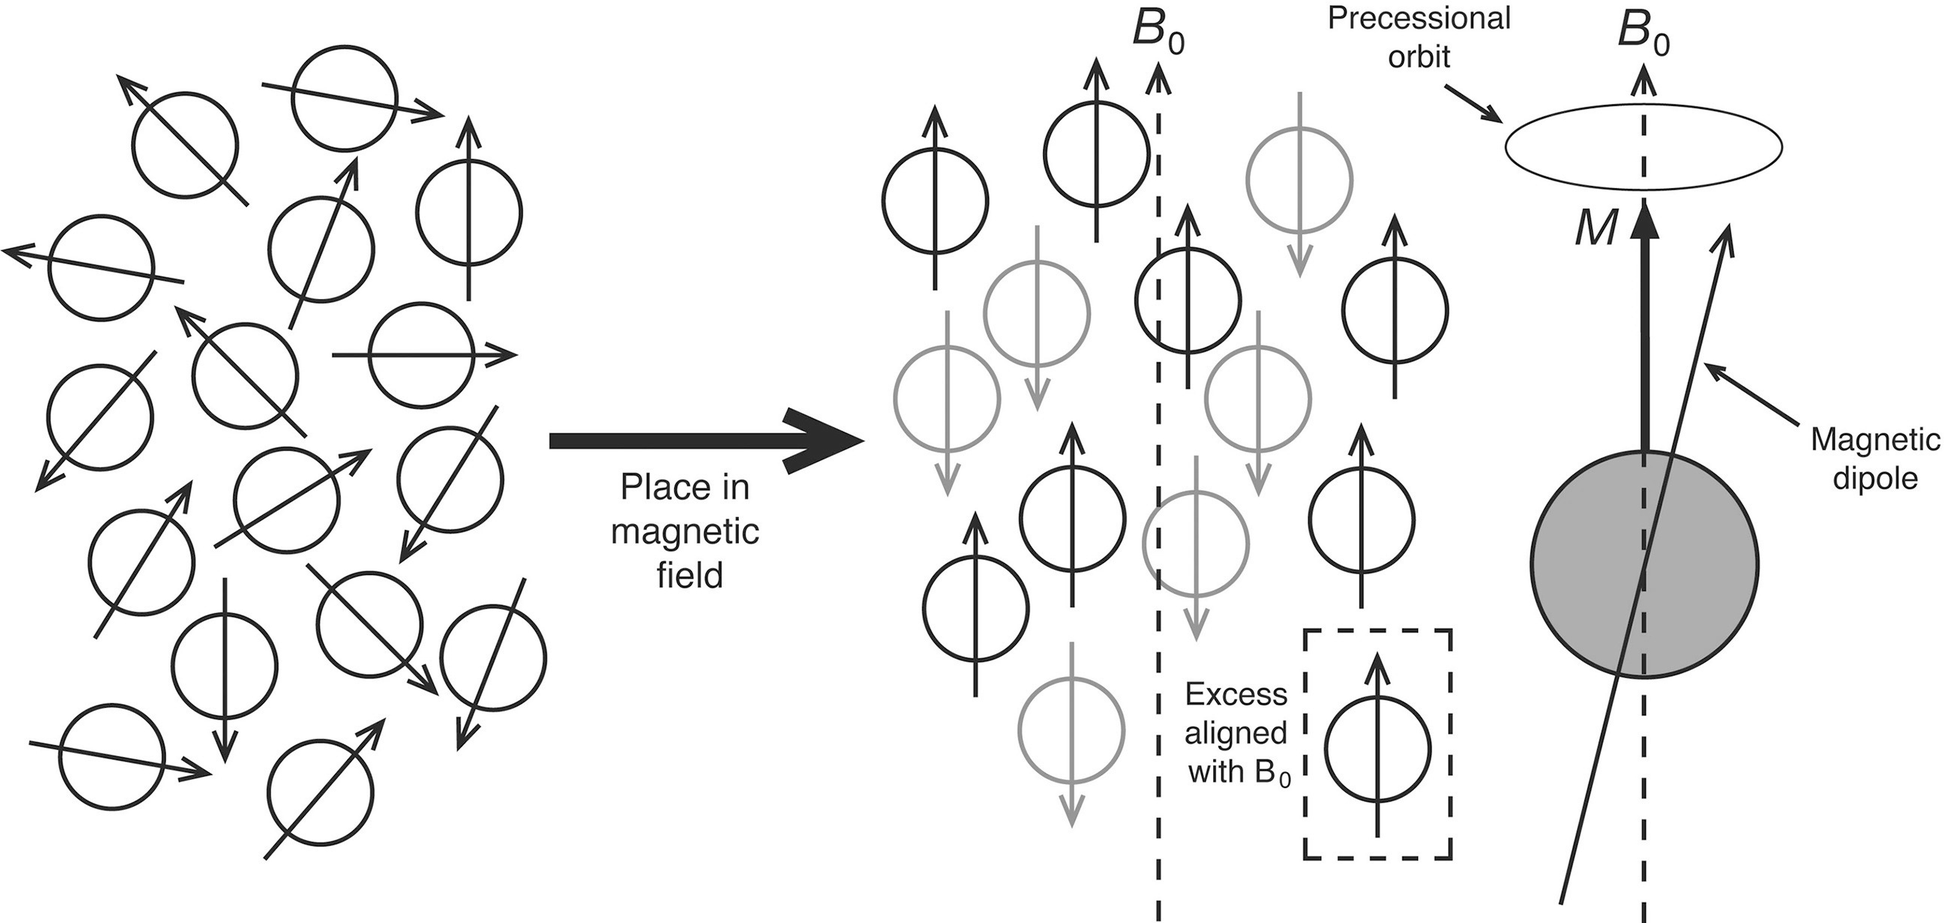 Nuclear Magnetic Resonance Springerlink